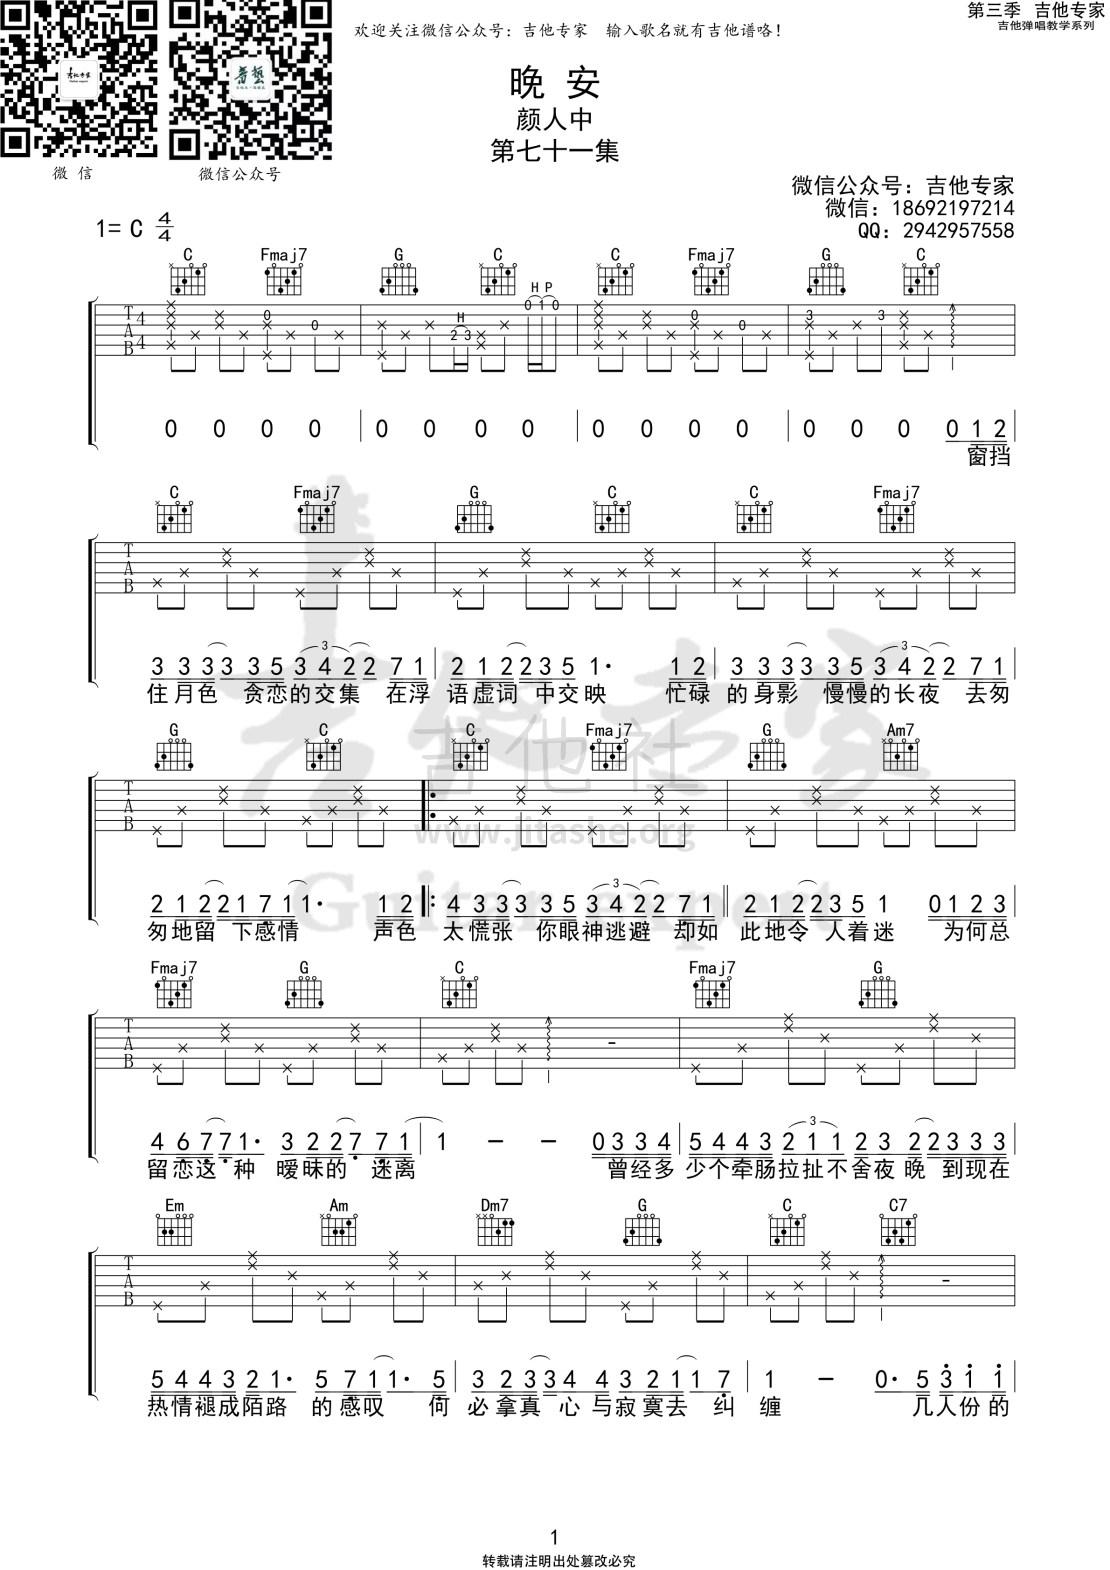 晚安 (吉他专家弹唱教学:第三季第71集)吉他谱(图片谱)_颜人中_晚安1 第三季第七十一集.jpg